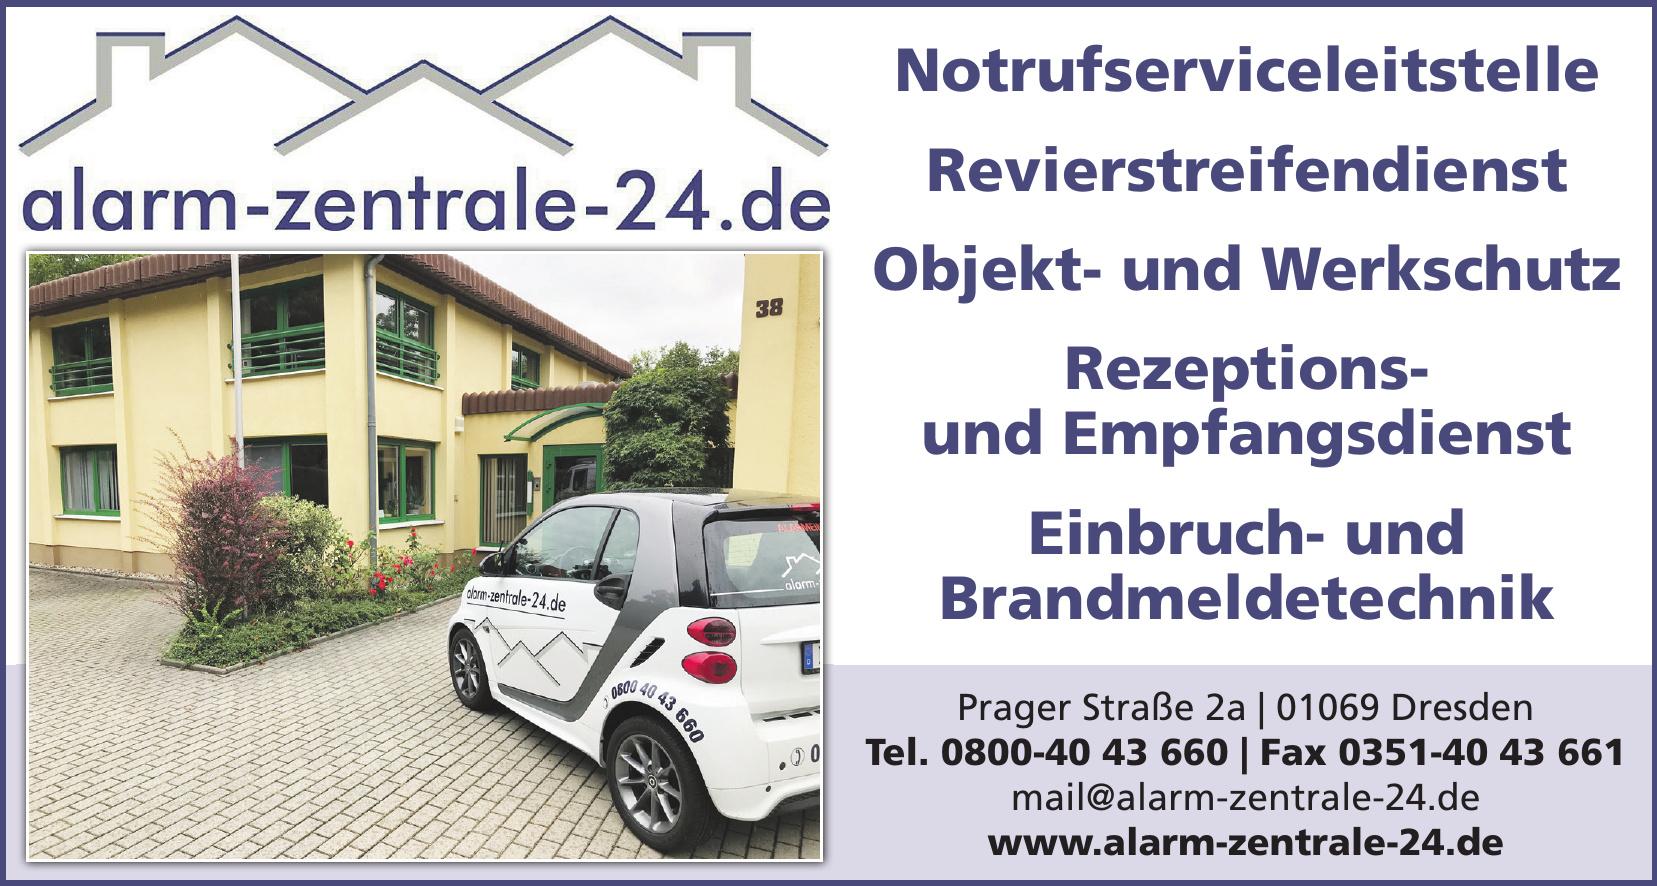 alarm-zentrale-24.de